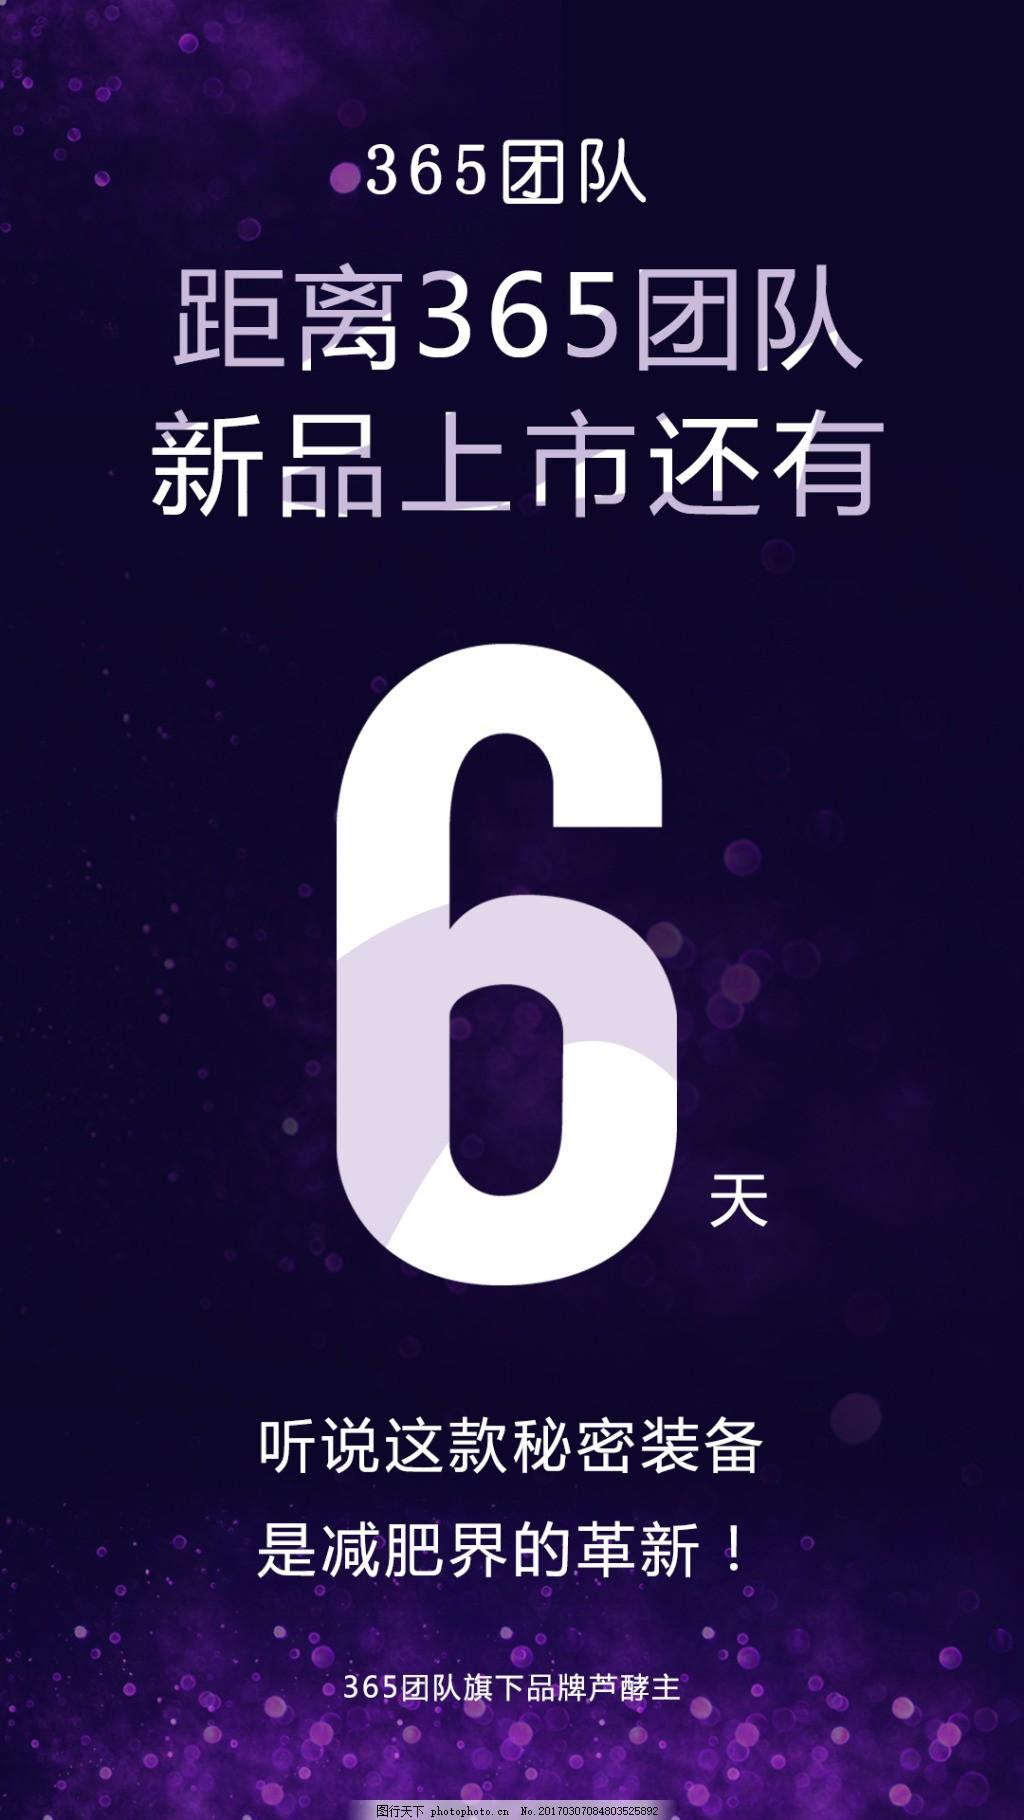 新品倒计时 倒计时 新品上市 6天 紫色 微商海报 微商